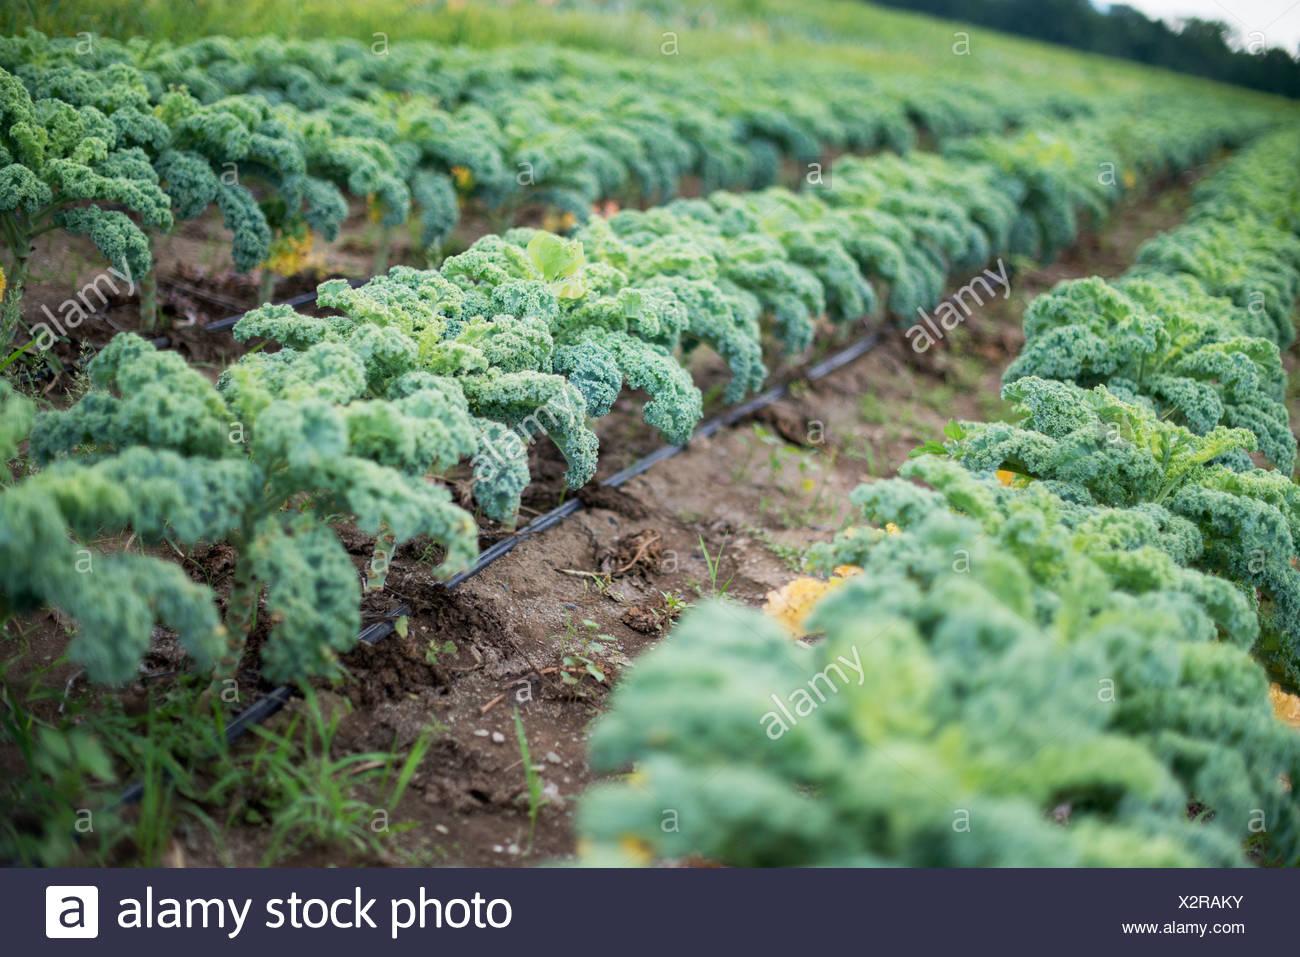 Des rangées de légumes vert frisé plantes croissant sur une ferme biologique. Photo Stock